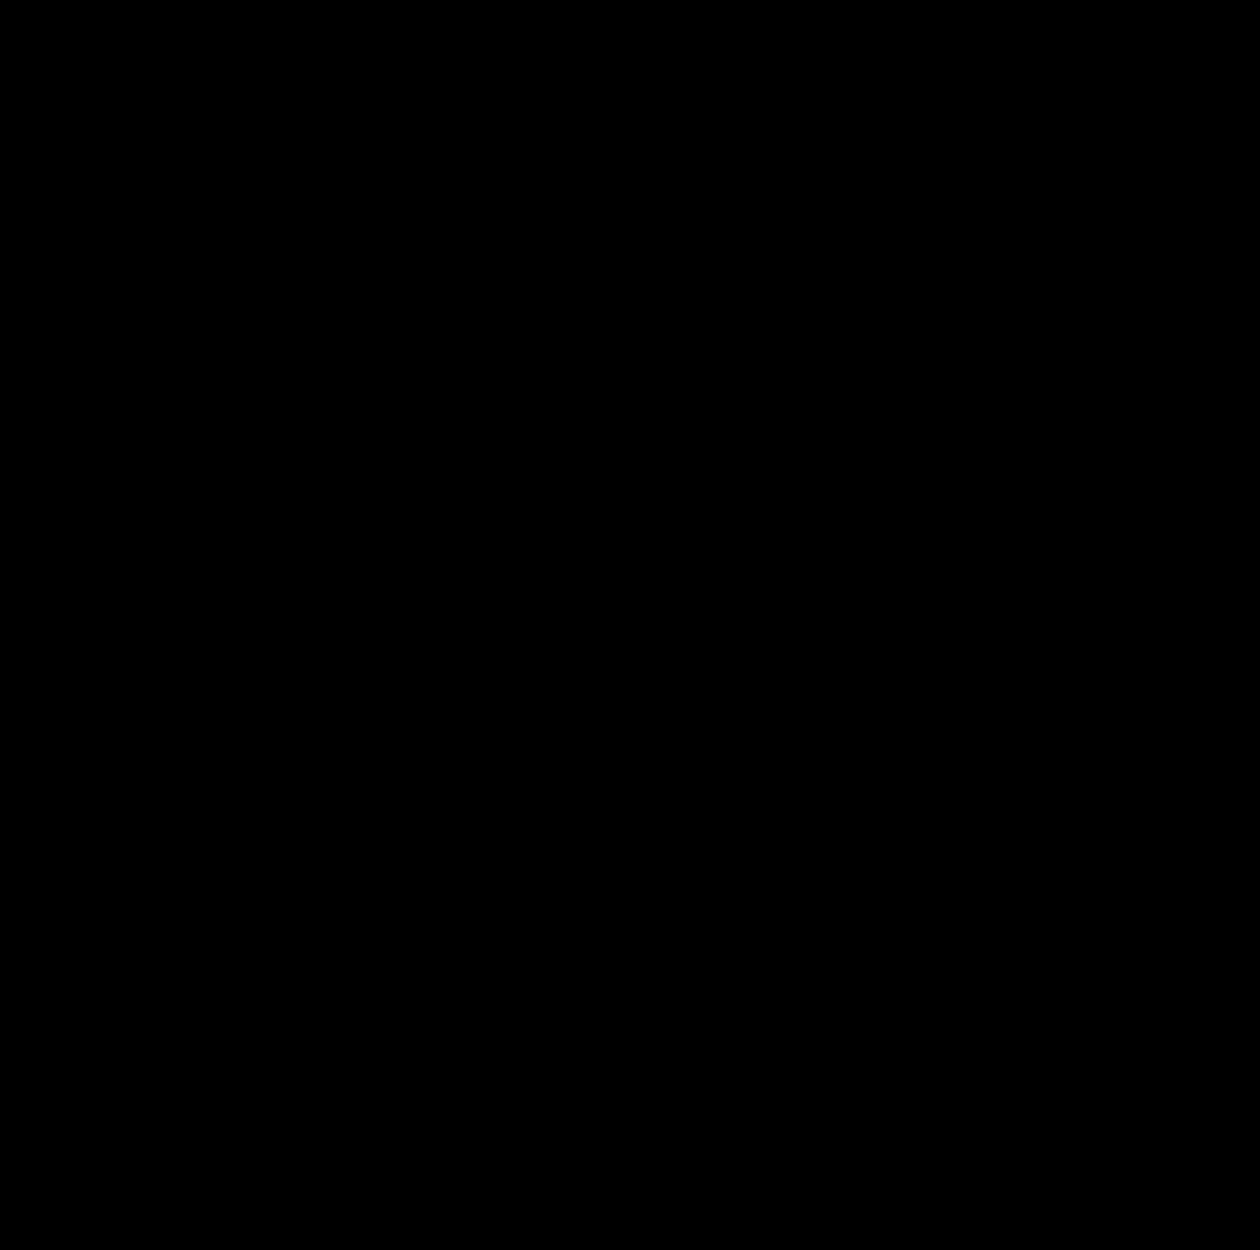 คอร์ดกีตาร์ ง่าย คอร์ดกีตาร์พื้นฐาน เพลง รวมพลังการจัดการประสานใจ